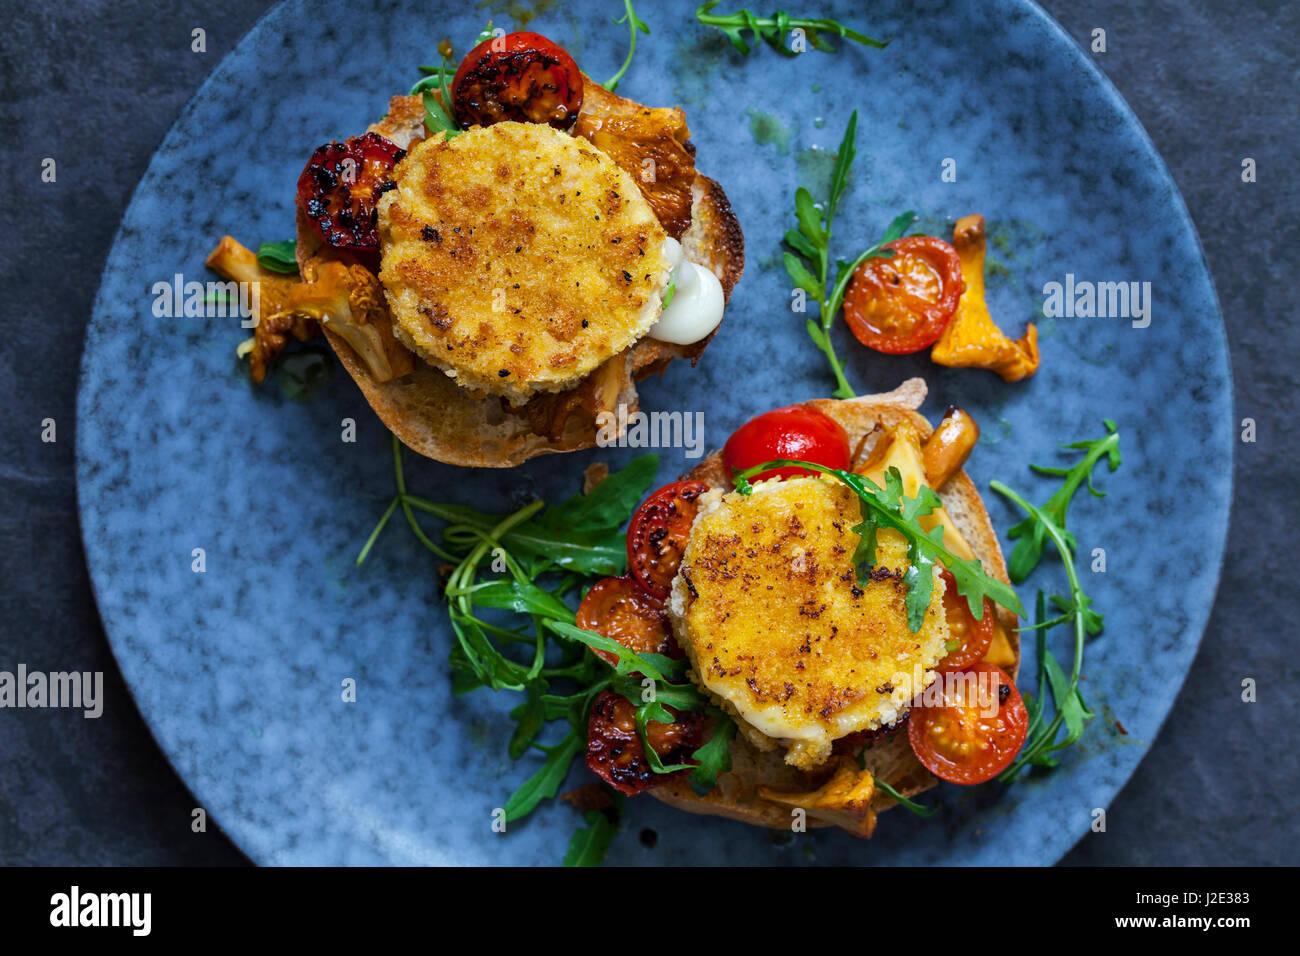 Cotto formaggi di capra su pane a lievitazione naturale con finferli e pomodorini Immagini Stock